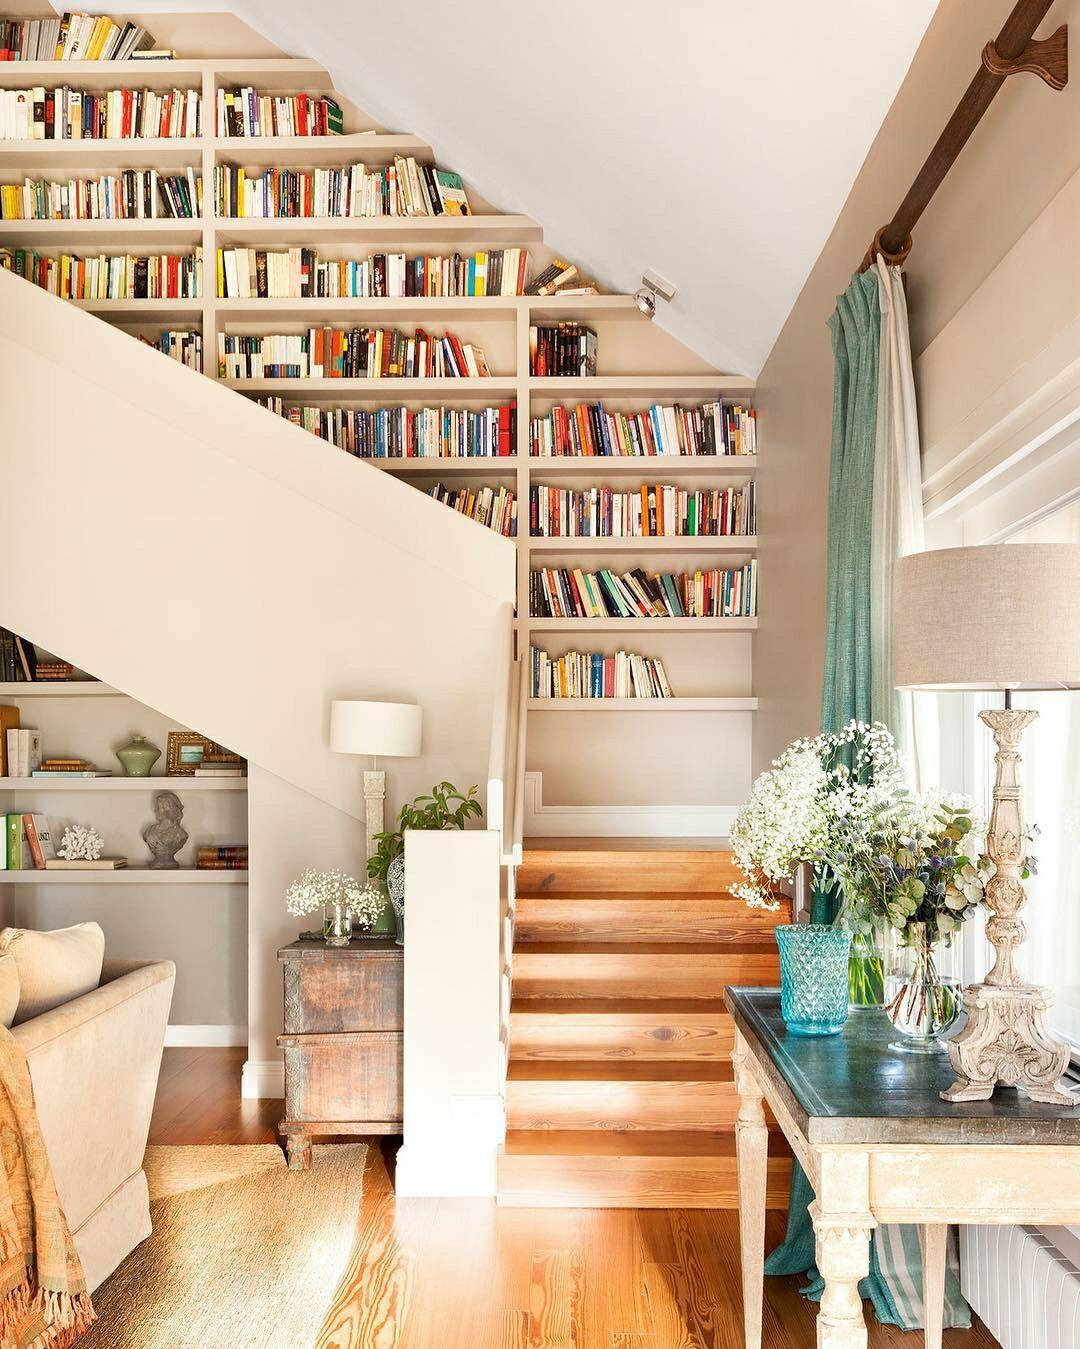 Best Of Floor Shelves for Bedroom